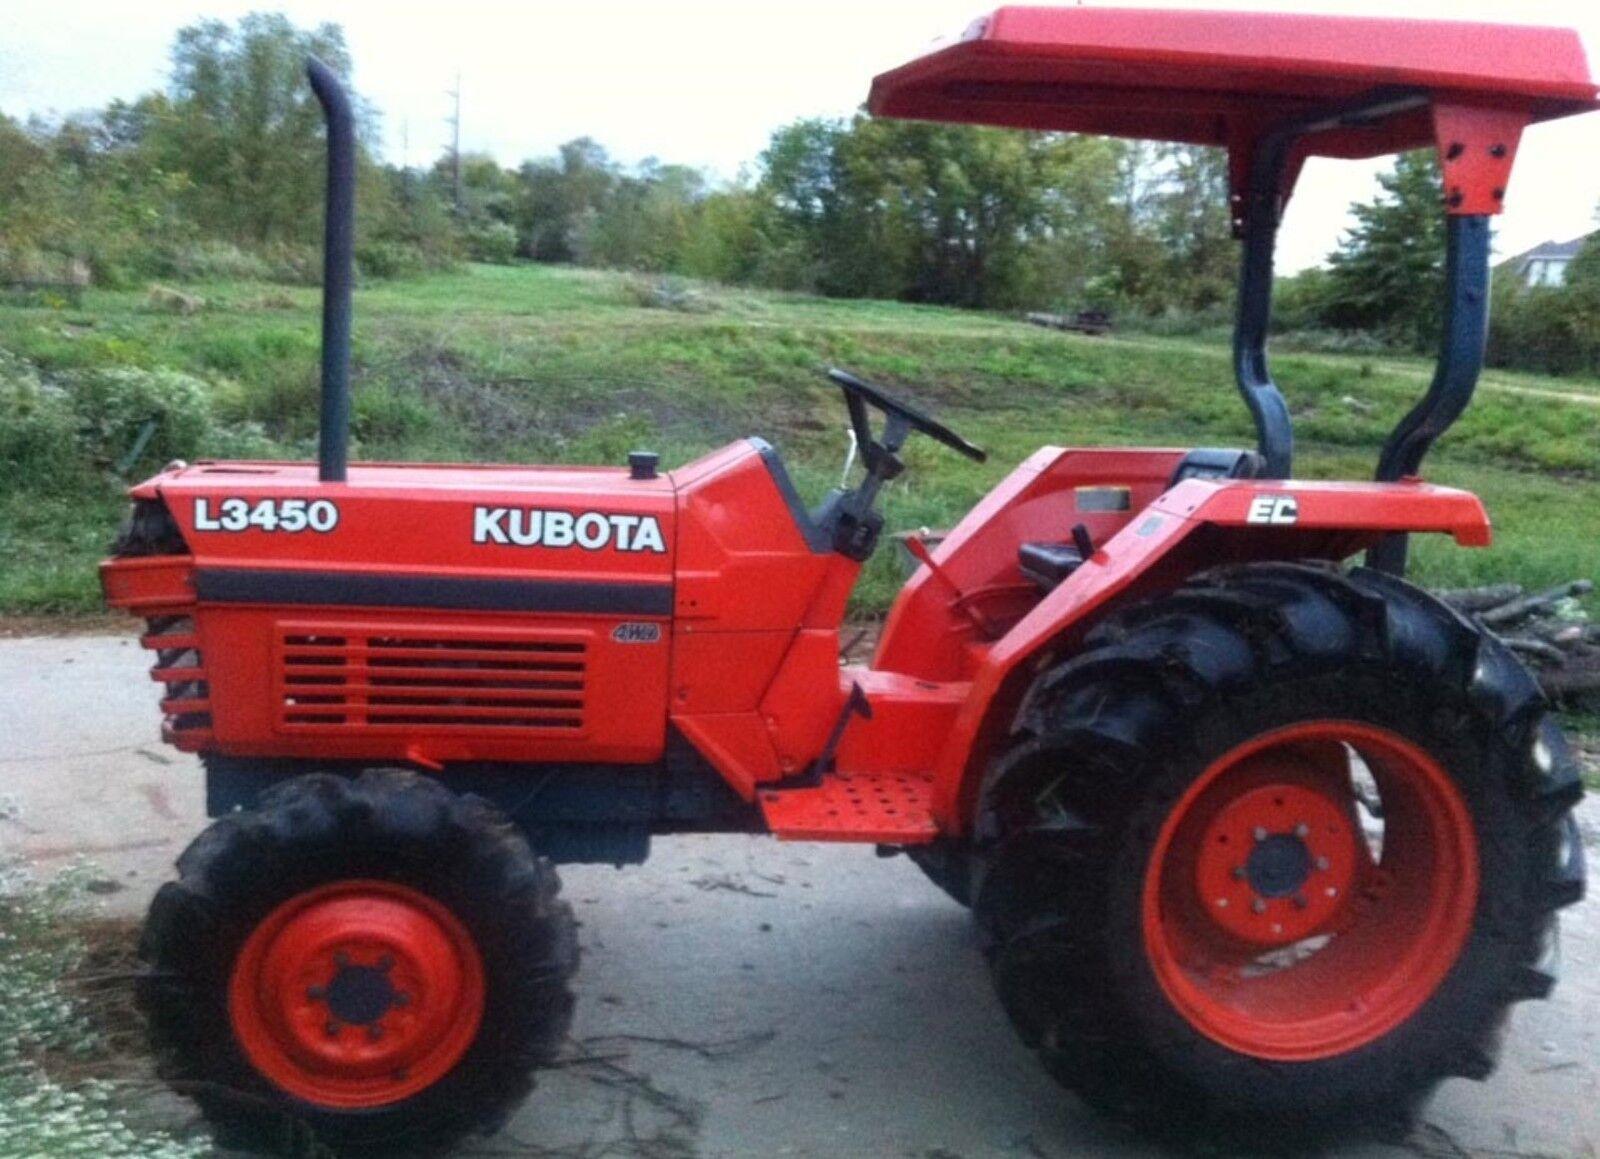 Kubota L2650 L2950 L3450 L3650 Tractors Operators Manual – Kubota L2950 Wiring Schematic